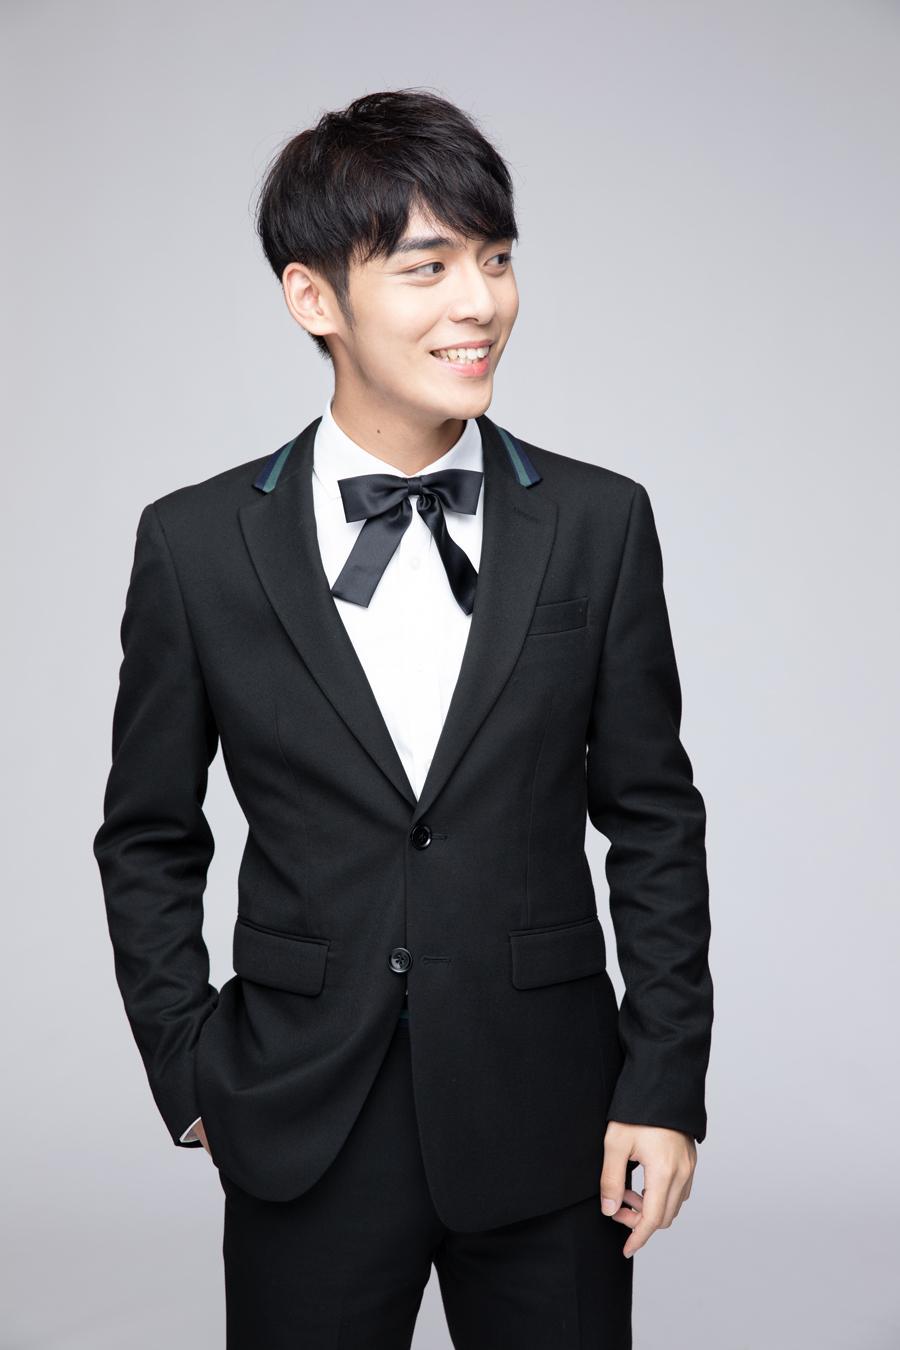 """曾被黄晓明称为""""树叶王子""""的男孩,22岁就主演了百老汇音乐剧"""